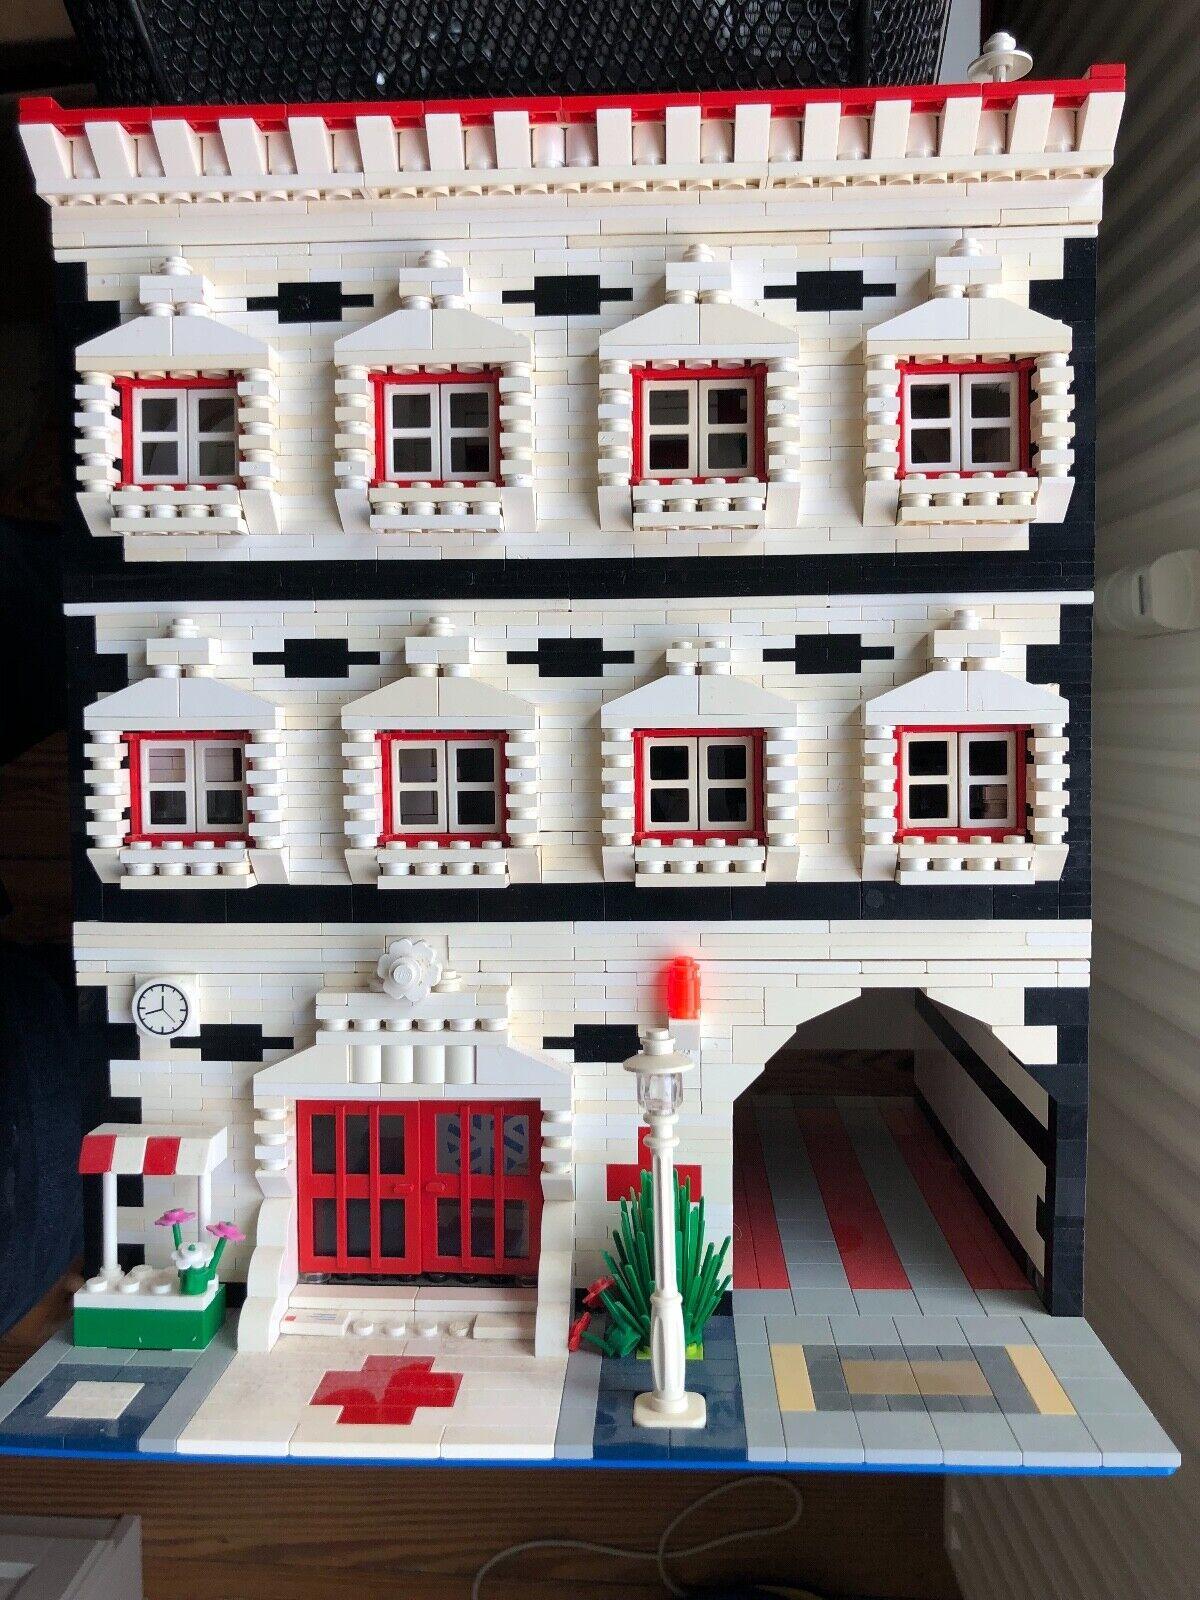 Lego hospital, única, op-habitaciones, op-habitaciones, op-habitaciones, enfermería, pisos individualmente desmontable  n ° 1 en línea